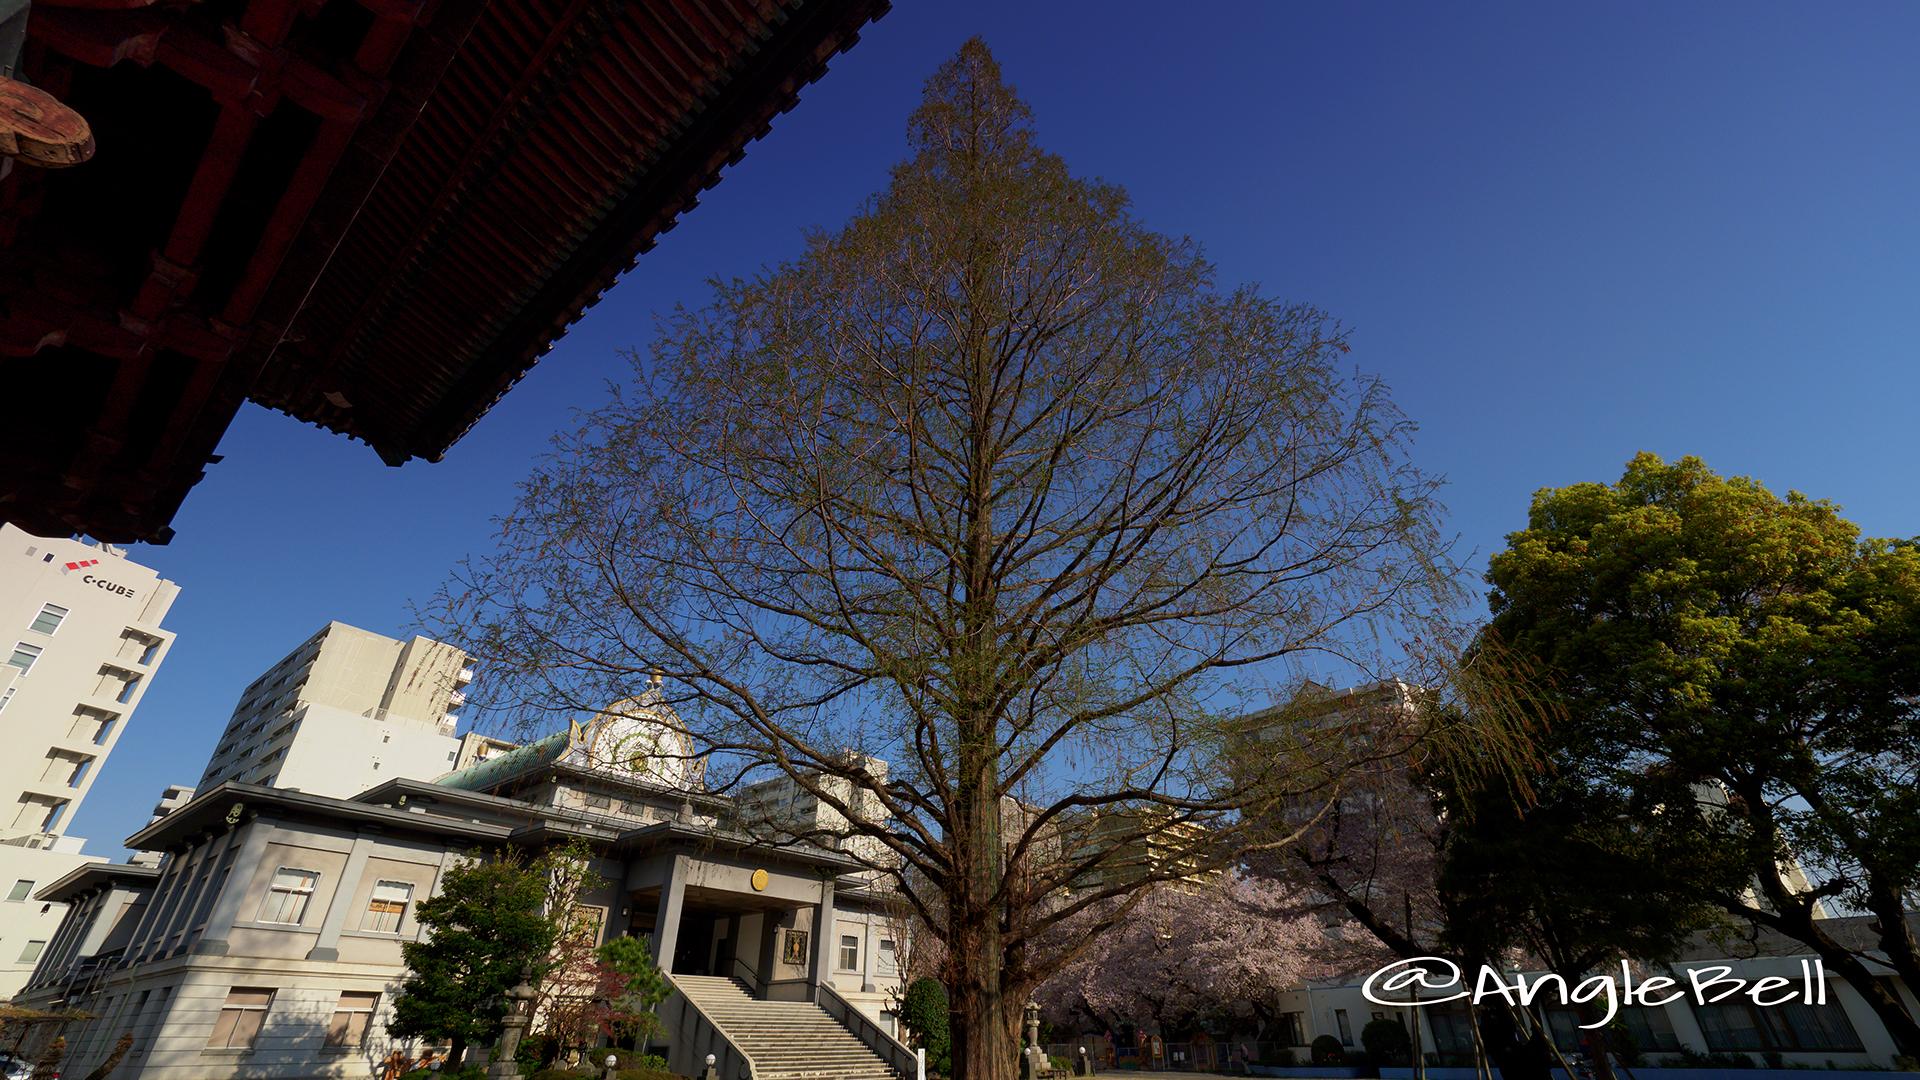 本願寺名古屋別院 メタセコイア大木